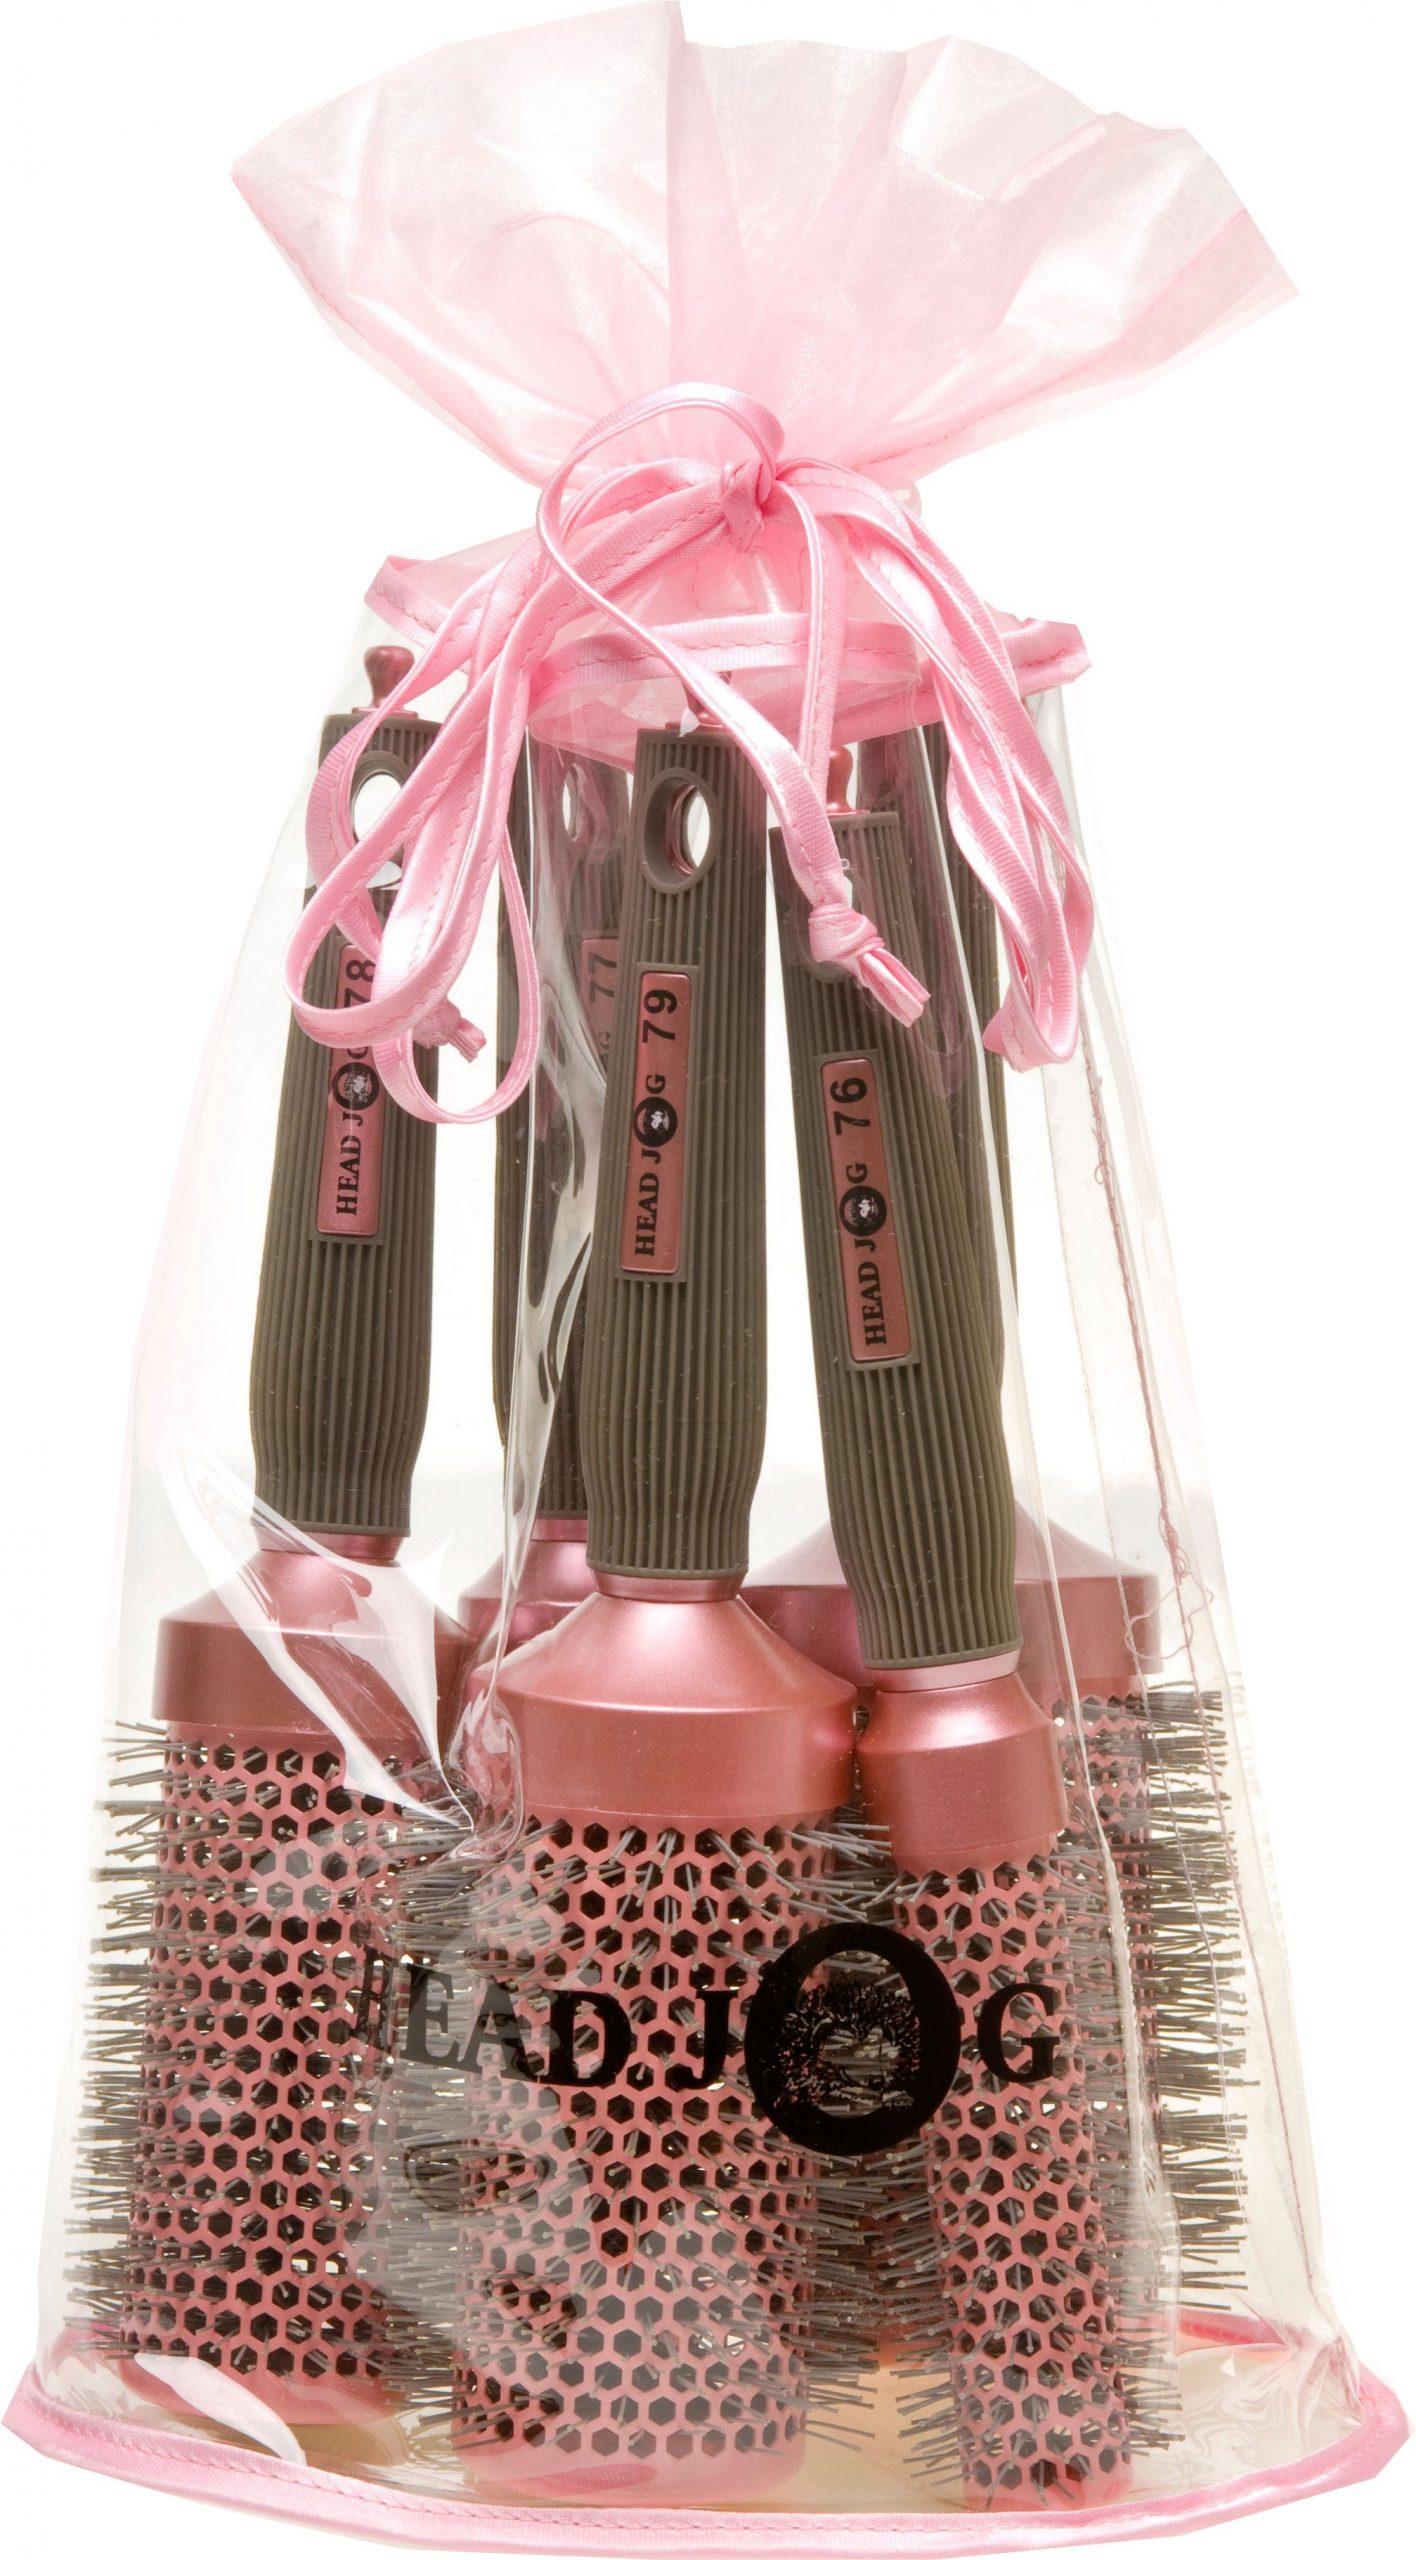 Head Jog - Oval bag Pink Brush Set in FREE Bag